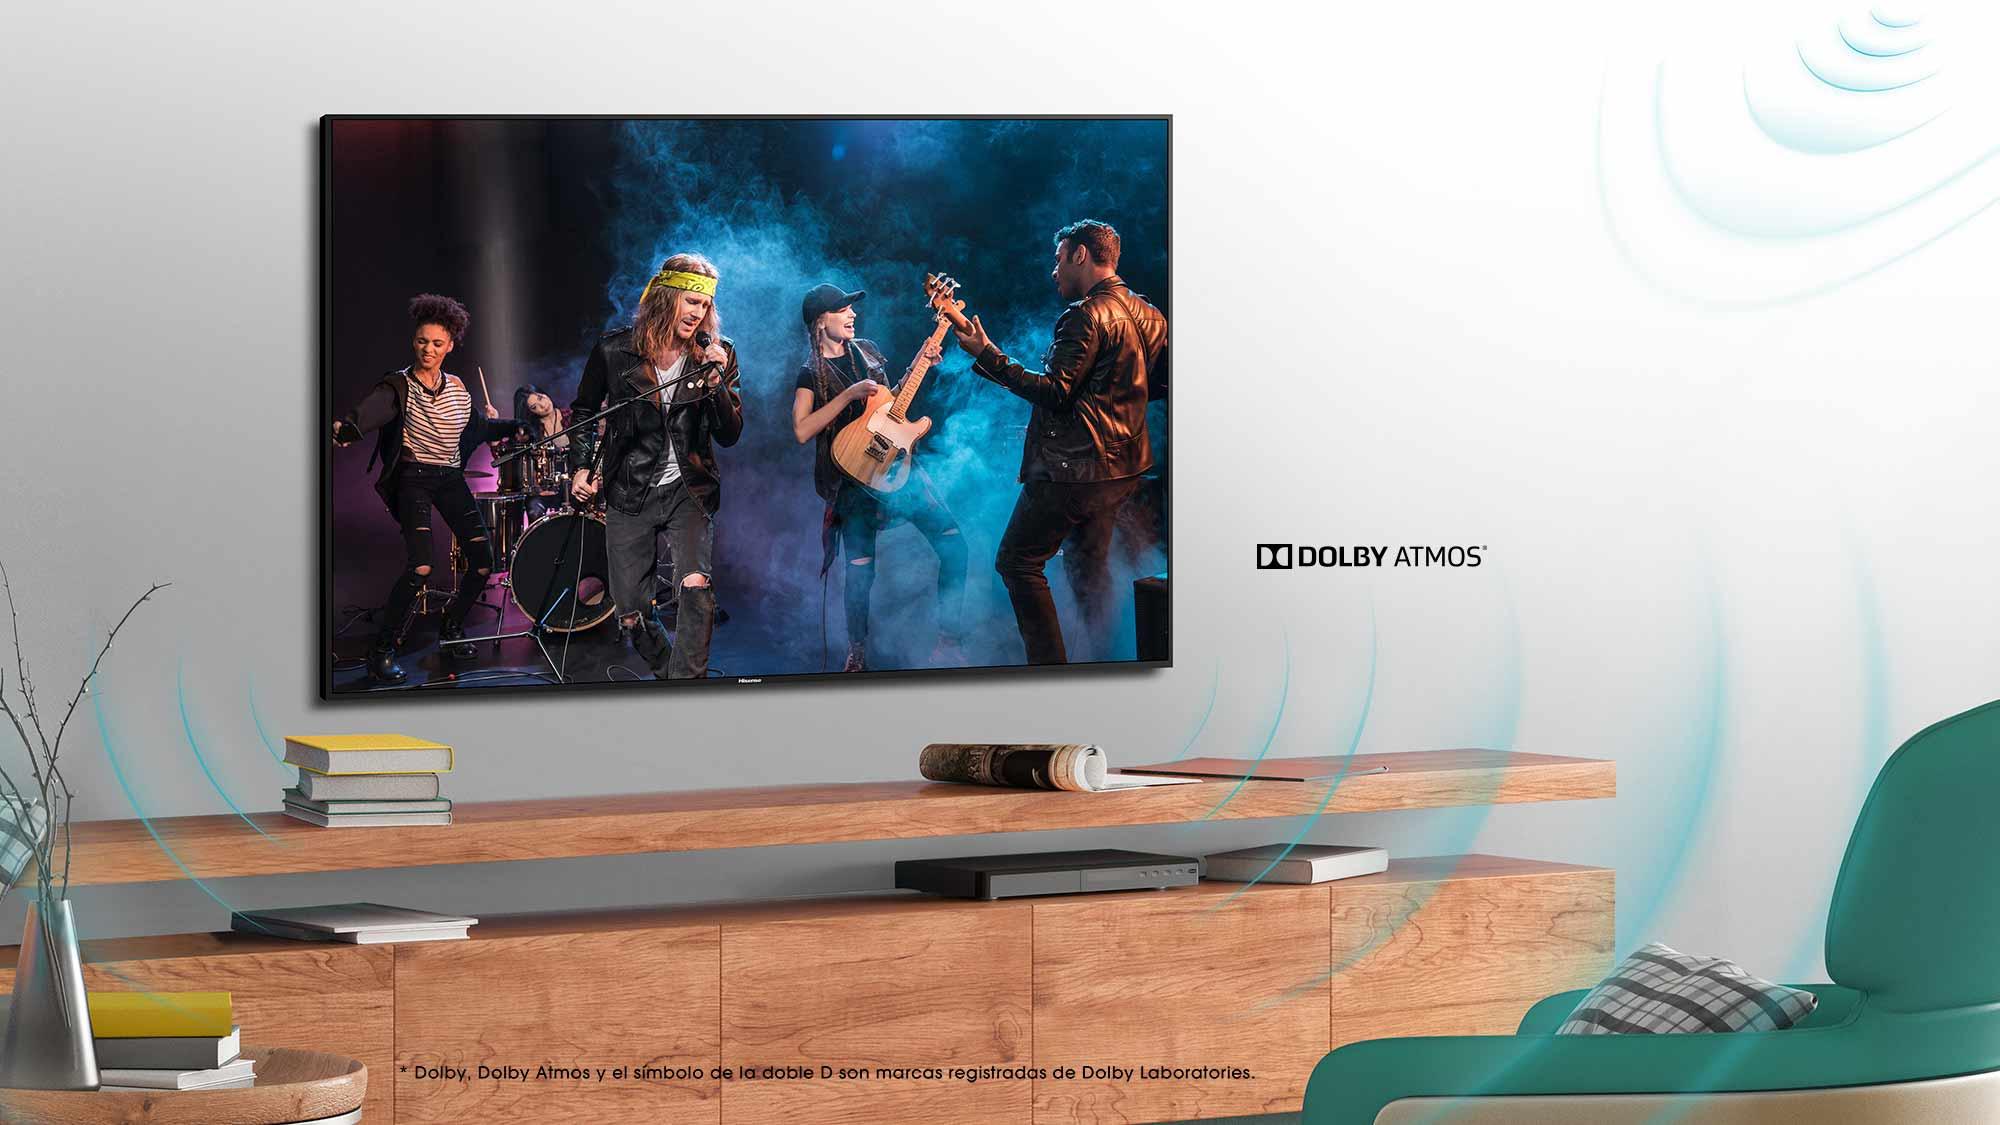 UHD TV 50A7100F